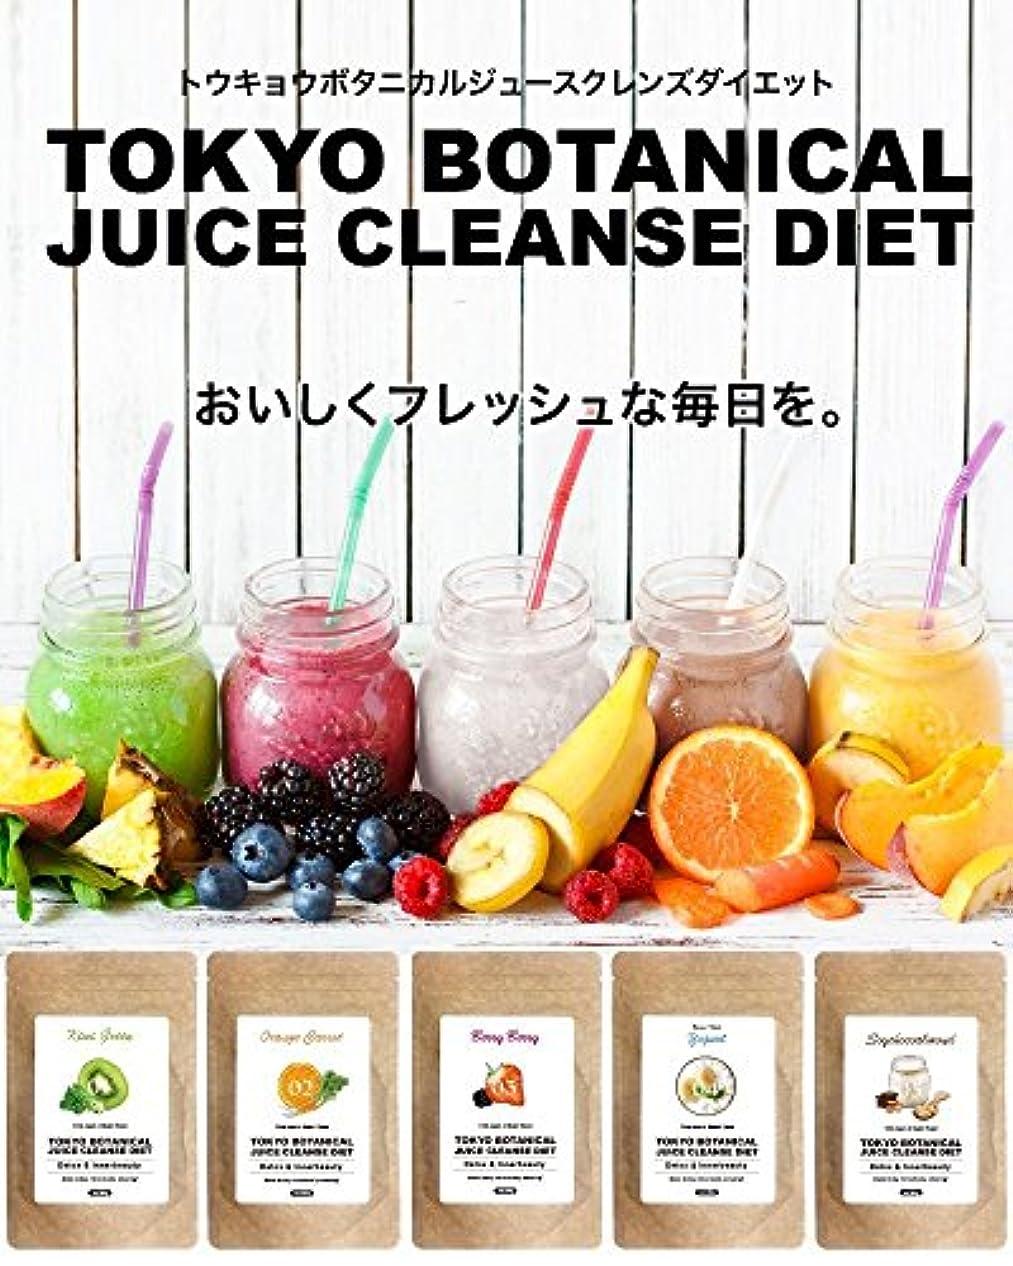 ワット正確さテクスチャーTOKYO BOTANICAL JUICE CLEANSE DIET(Orange Carrot)